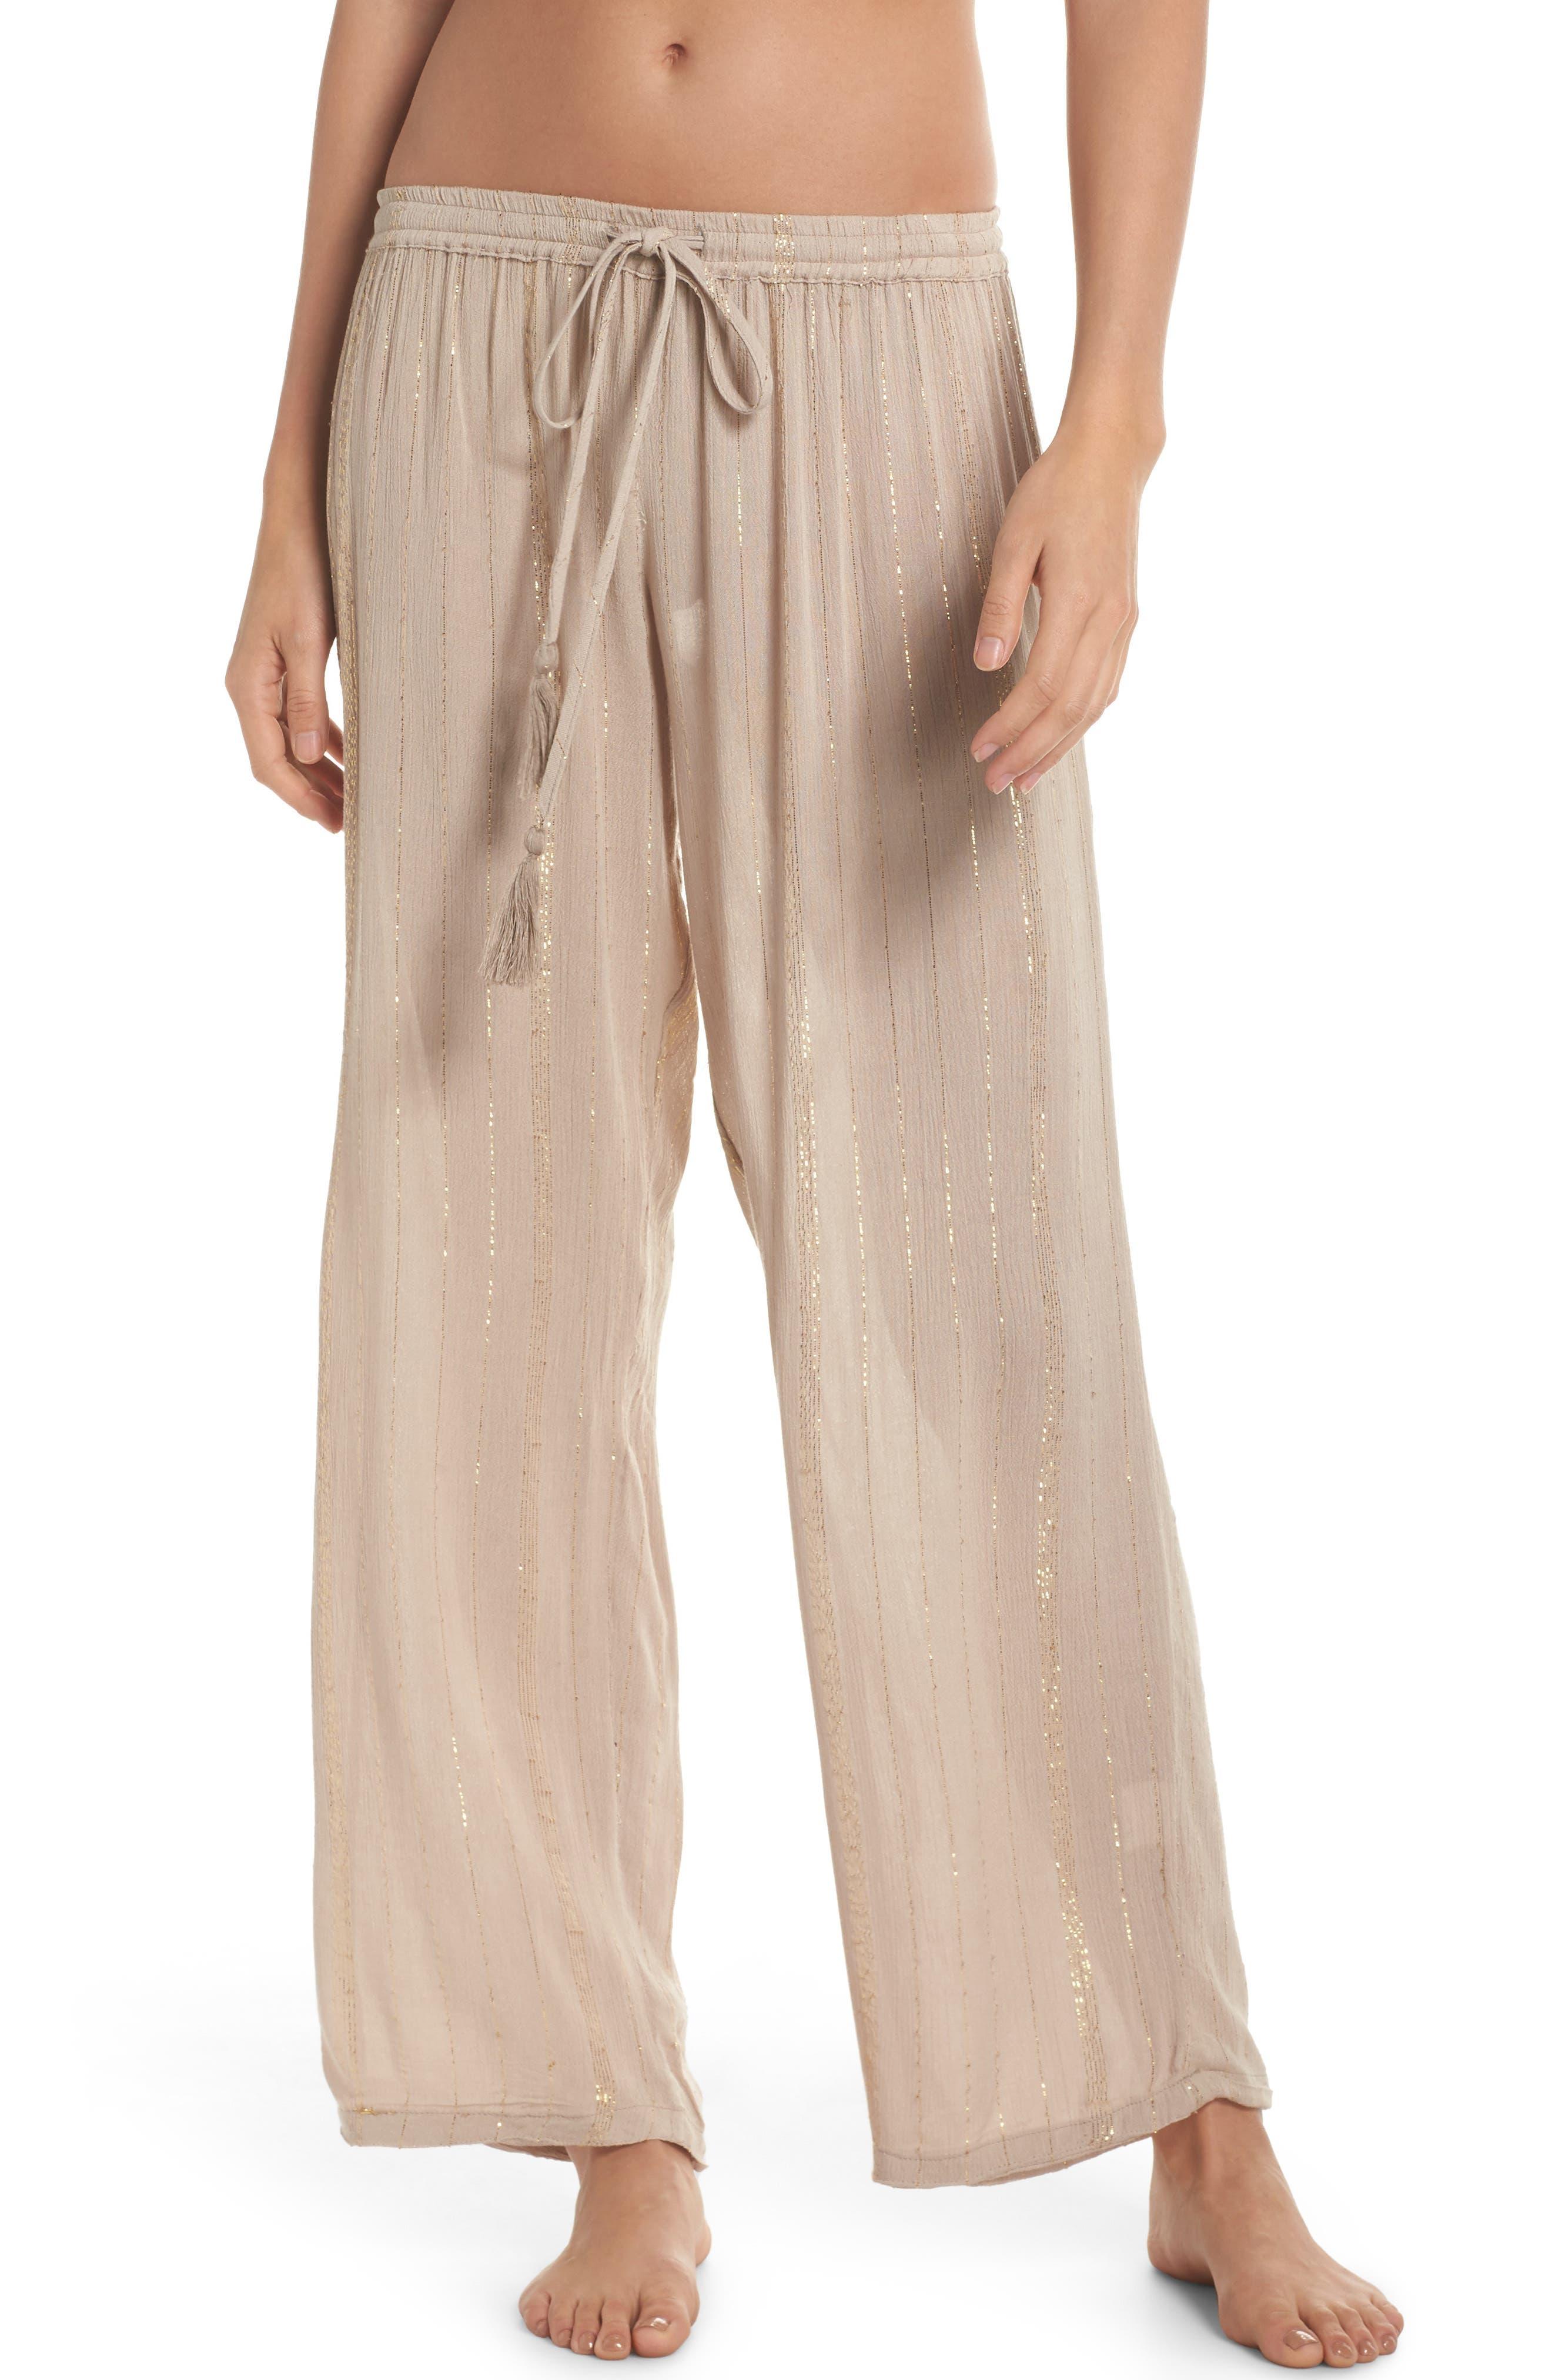 MUCHE ET MUCHETTE Iris Cover-Up Pants, Main, color, 250